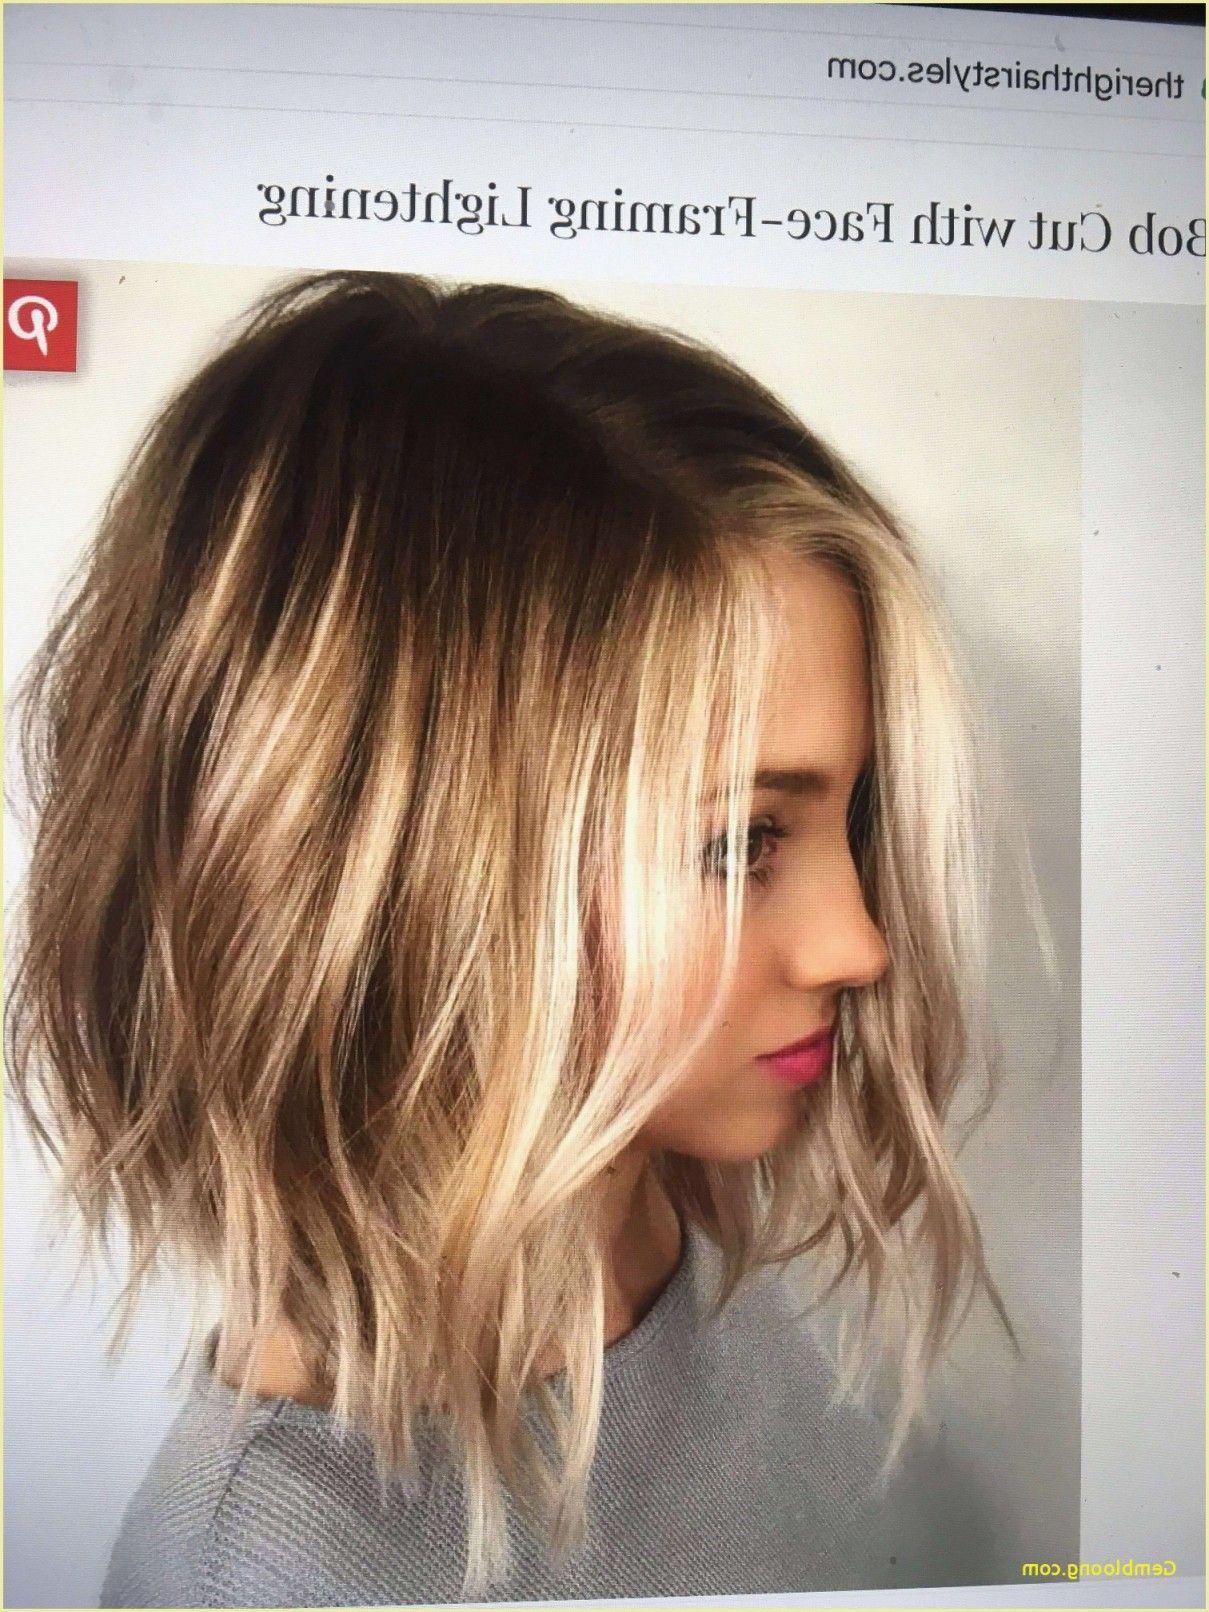 Luxury Frisuren Feines Haar Vorher Nachher Bobfrisurenvorhernachher Feines Frisuren Haa Frisur Wenig Haare Langhaarfrisuren Frisuren Schulterlang